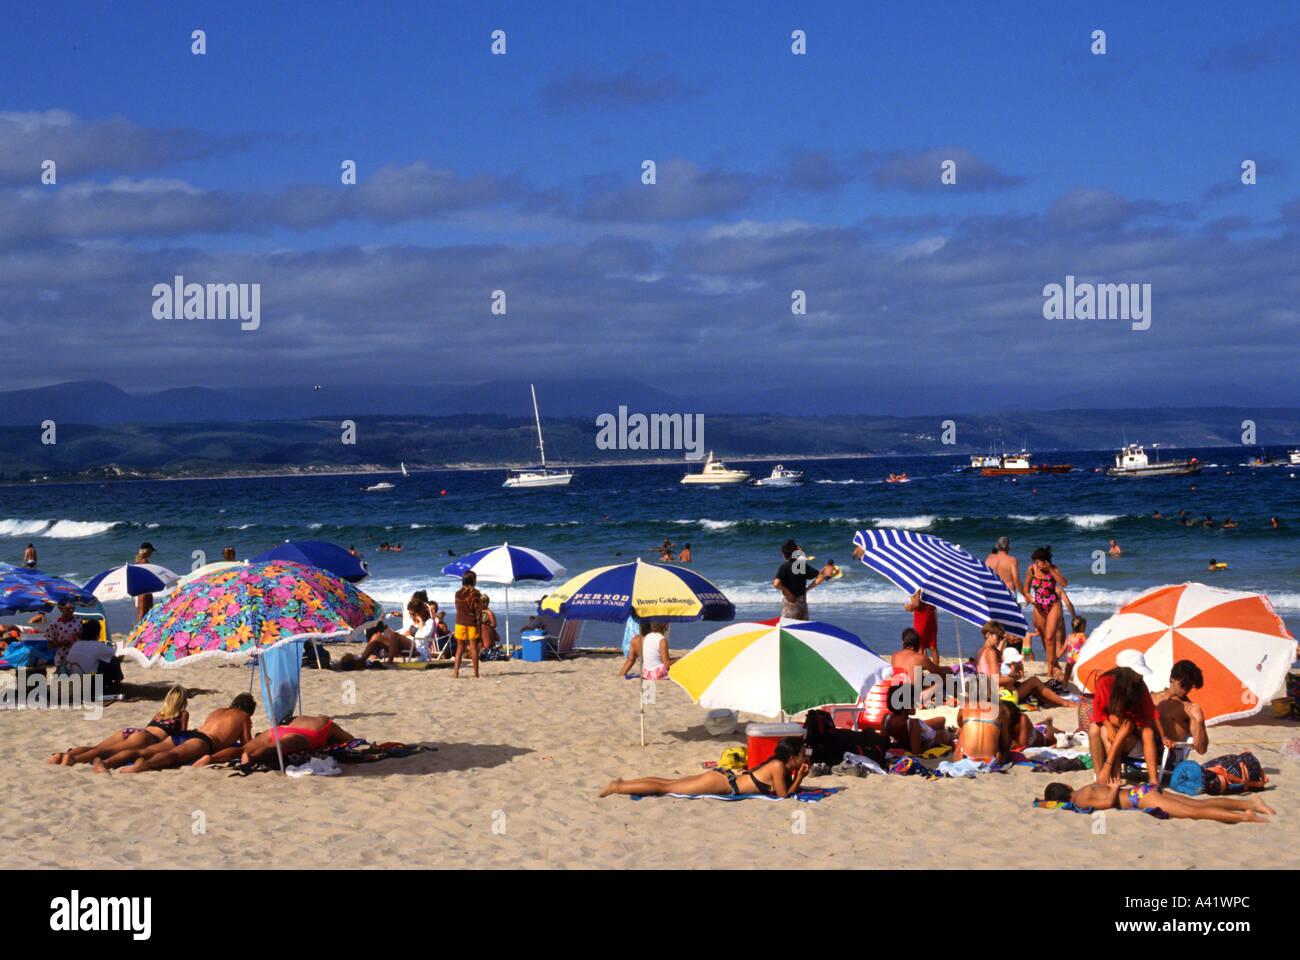 Plage de pampelonne c te d 39 azur saint tropez france beach stock photo royalty free image - Plage de saint tropez ...